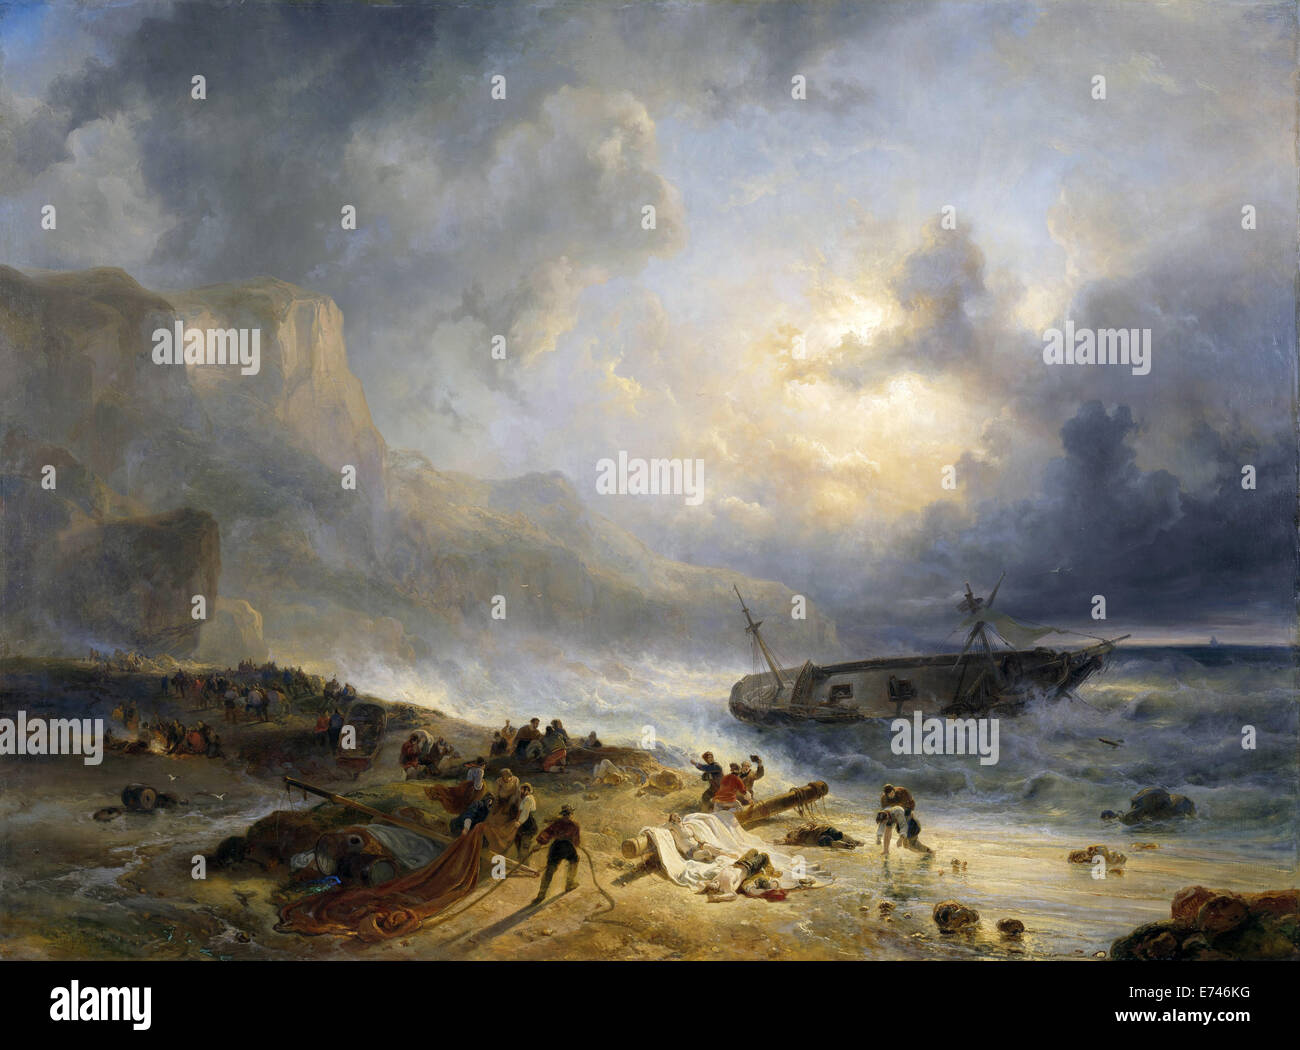 Naufrage au large d'une côte rocheuse - par Wijnand Nuijen, 1837 Photo Stock